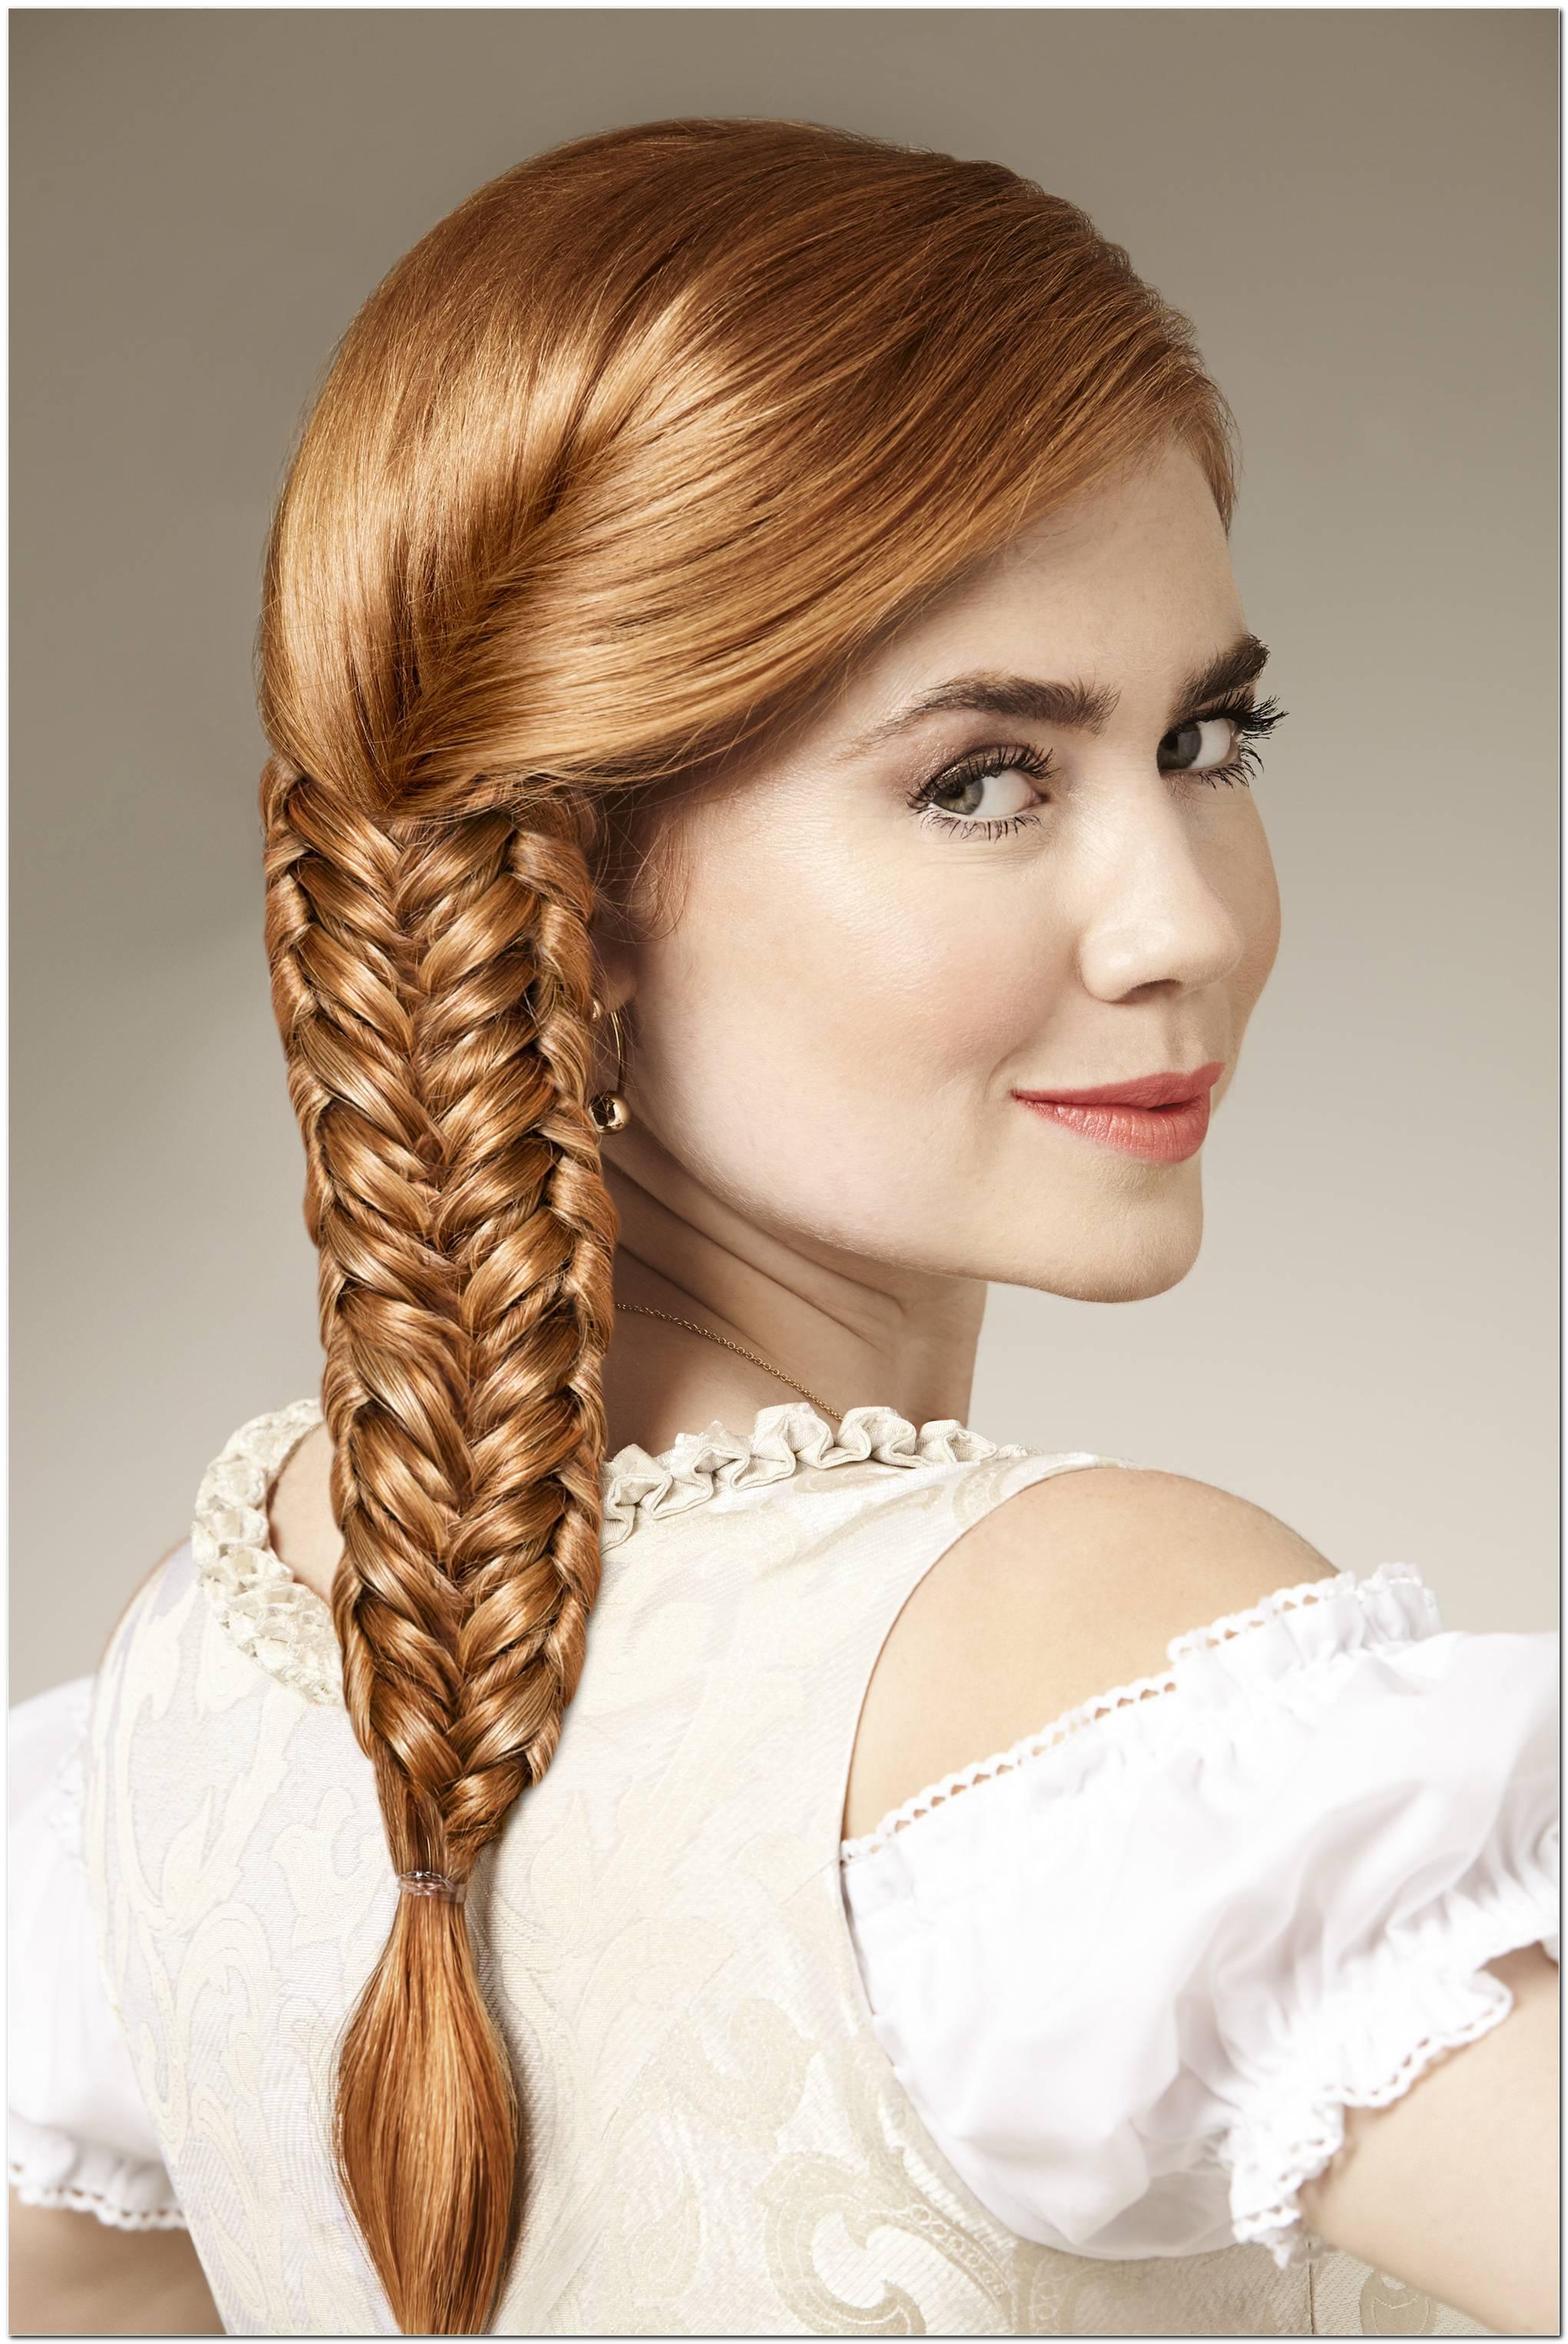 Wiesn Frisur Einfach